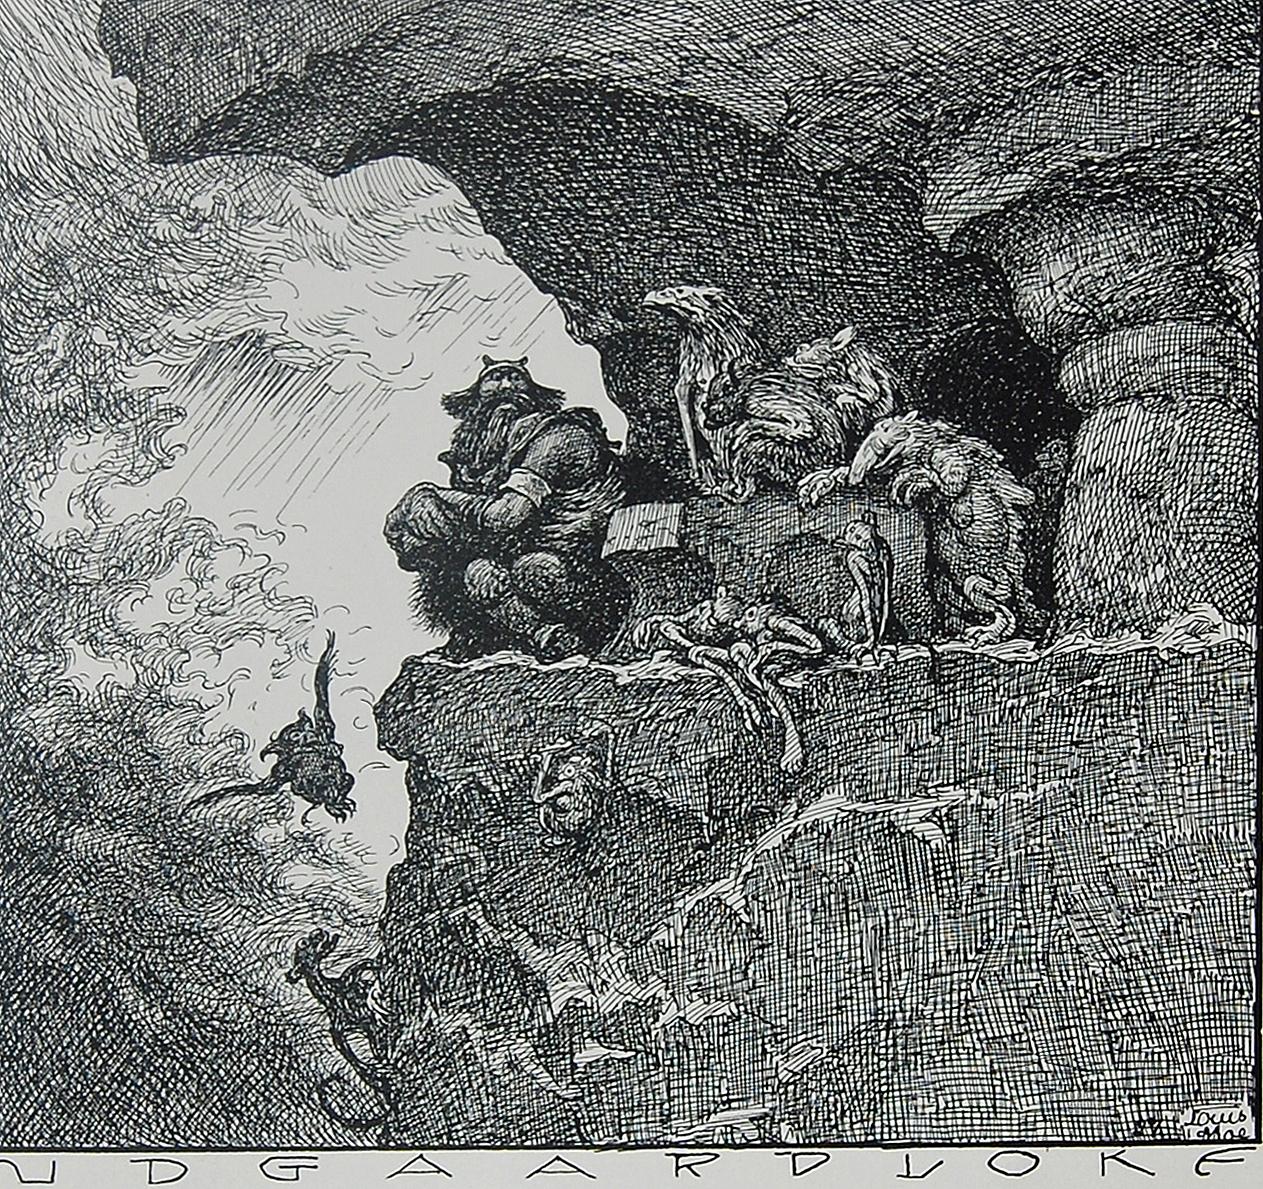 Útgarðaloki